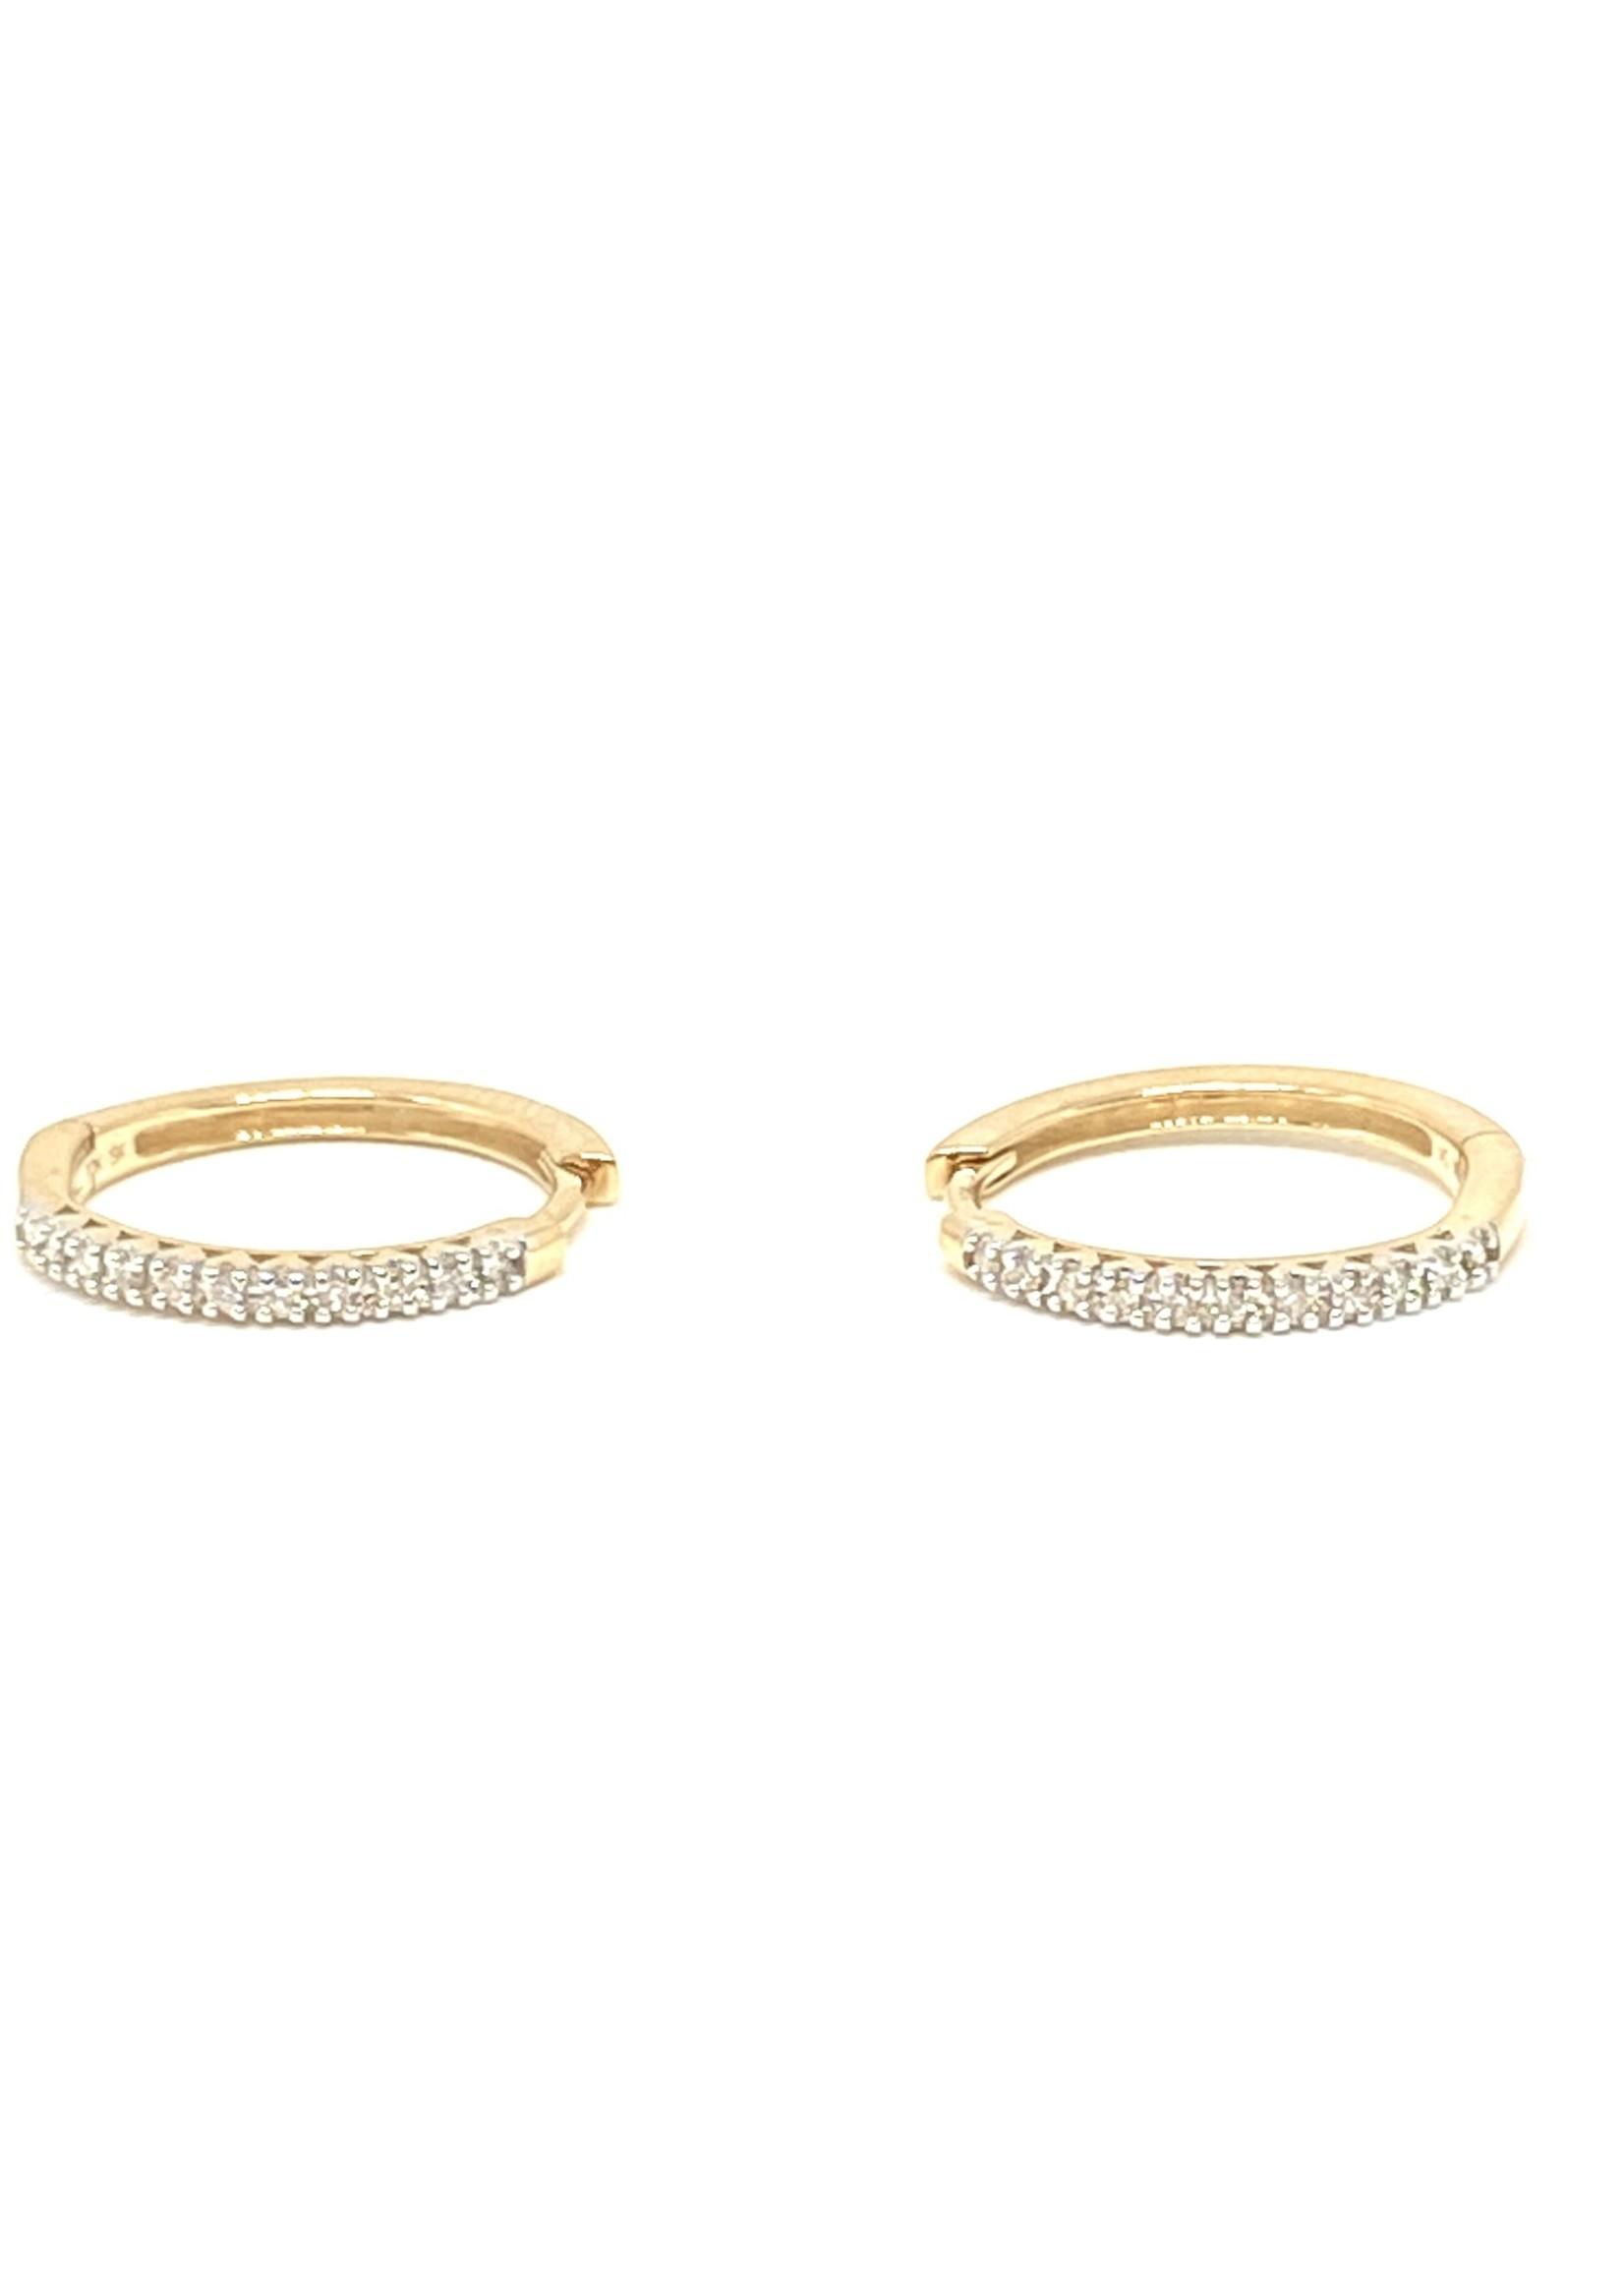 PARÉ Boucles d'oreilles Anneaux avec Diamants Or 10K